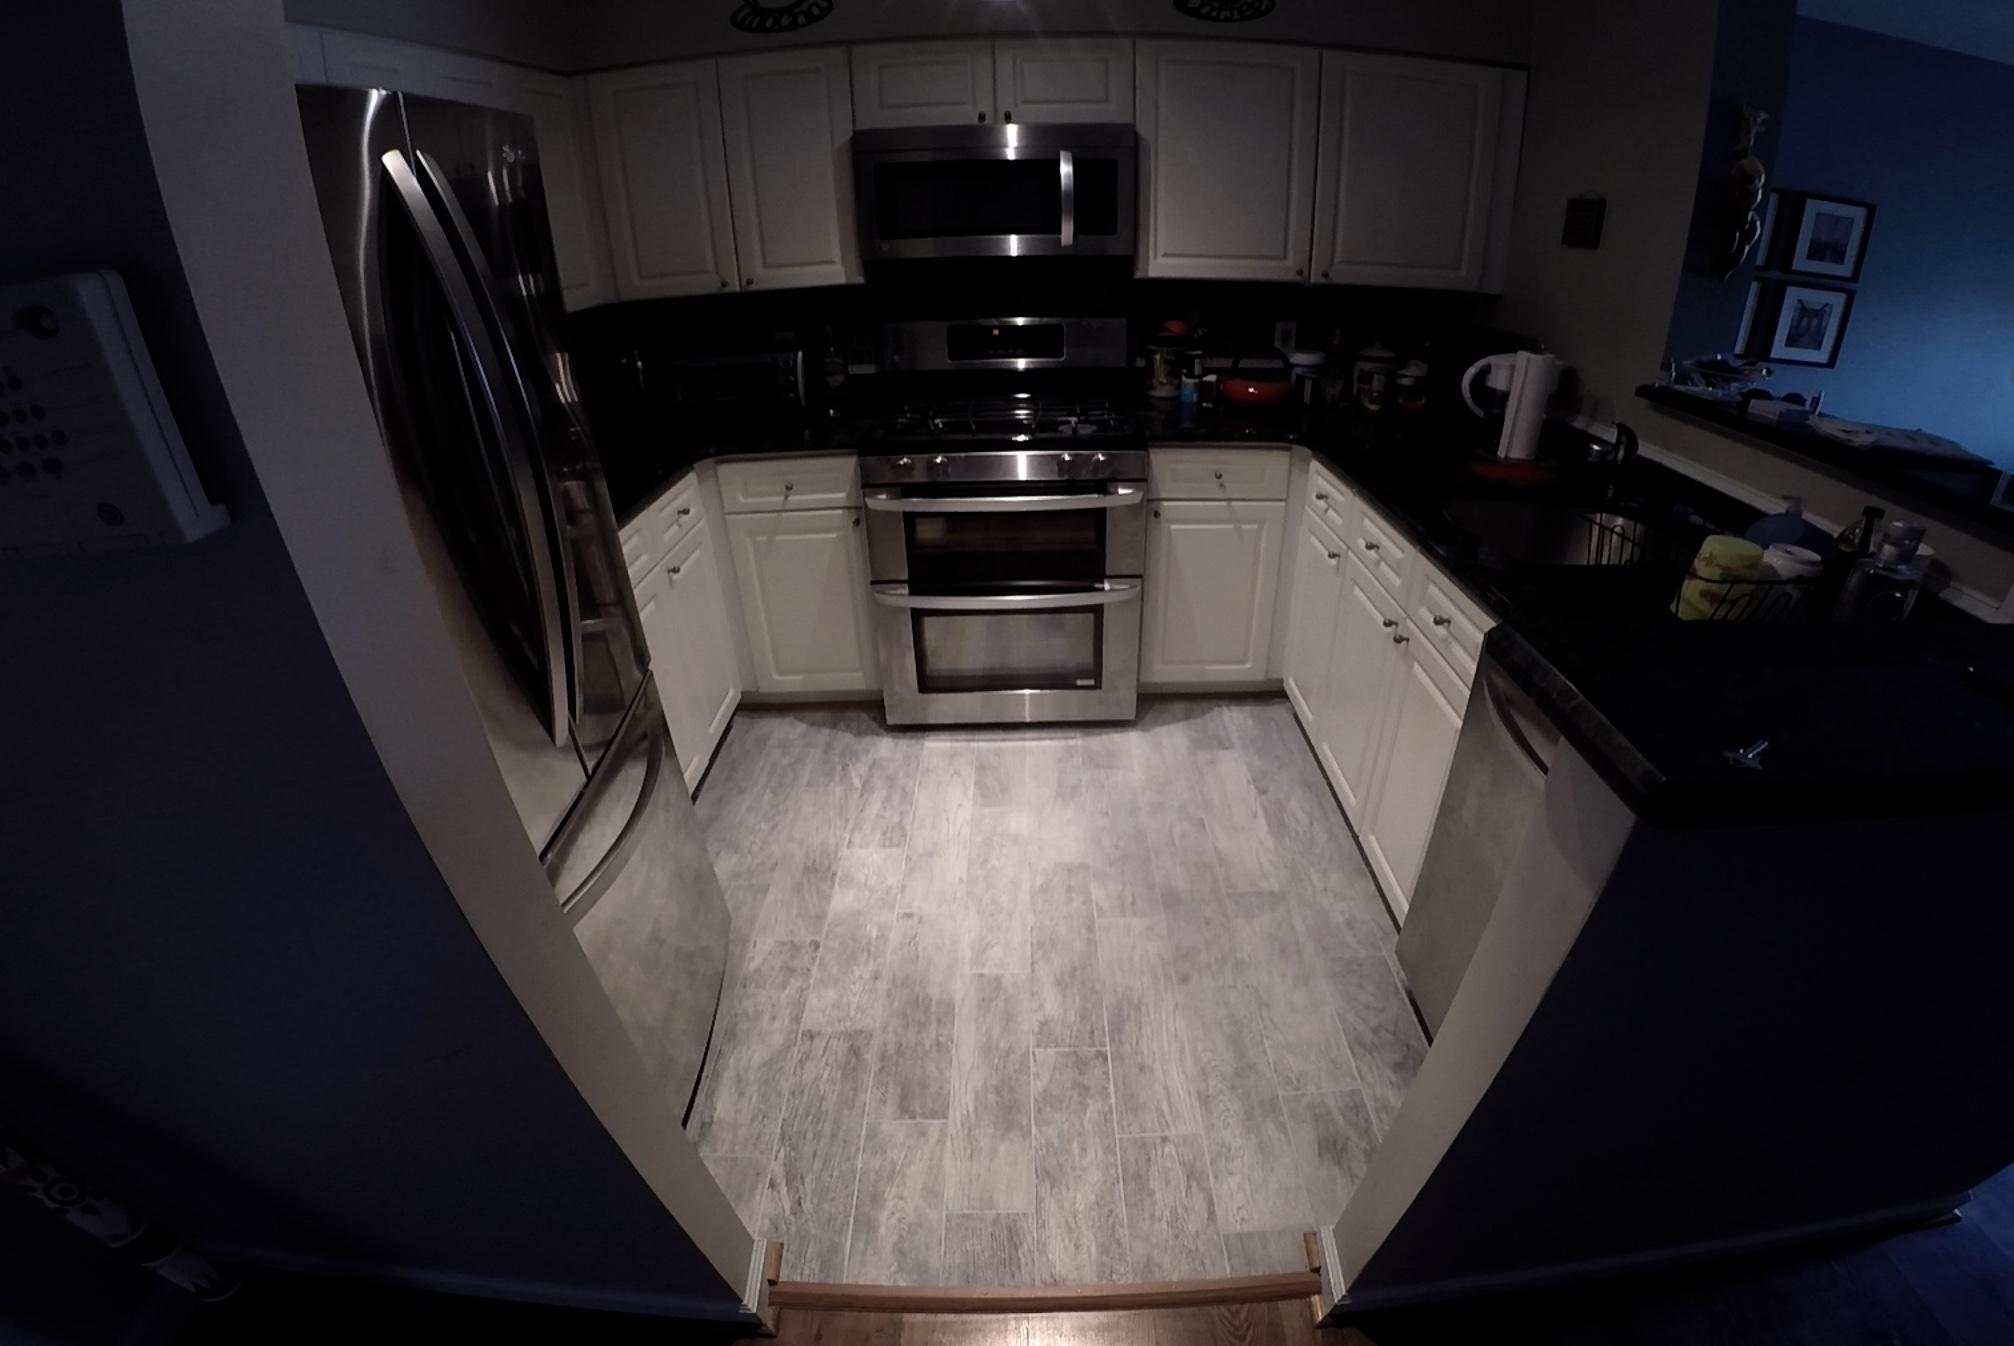 herndon worldgate kitchen after.jpg